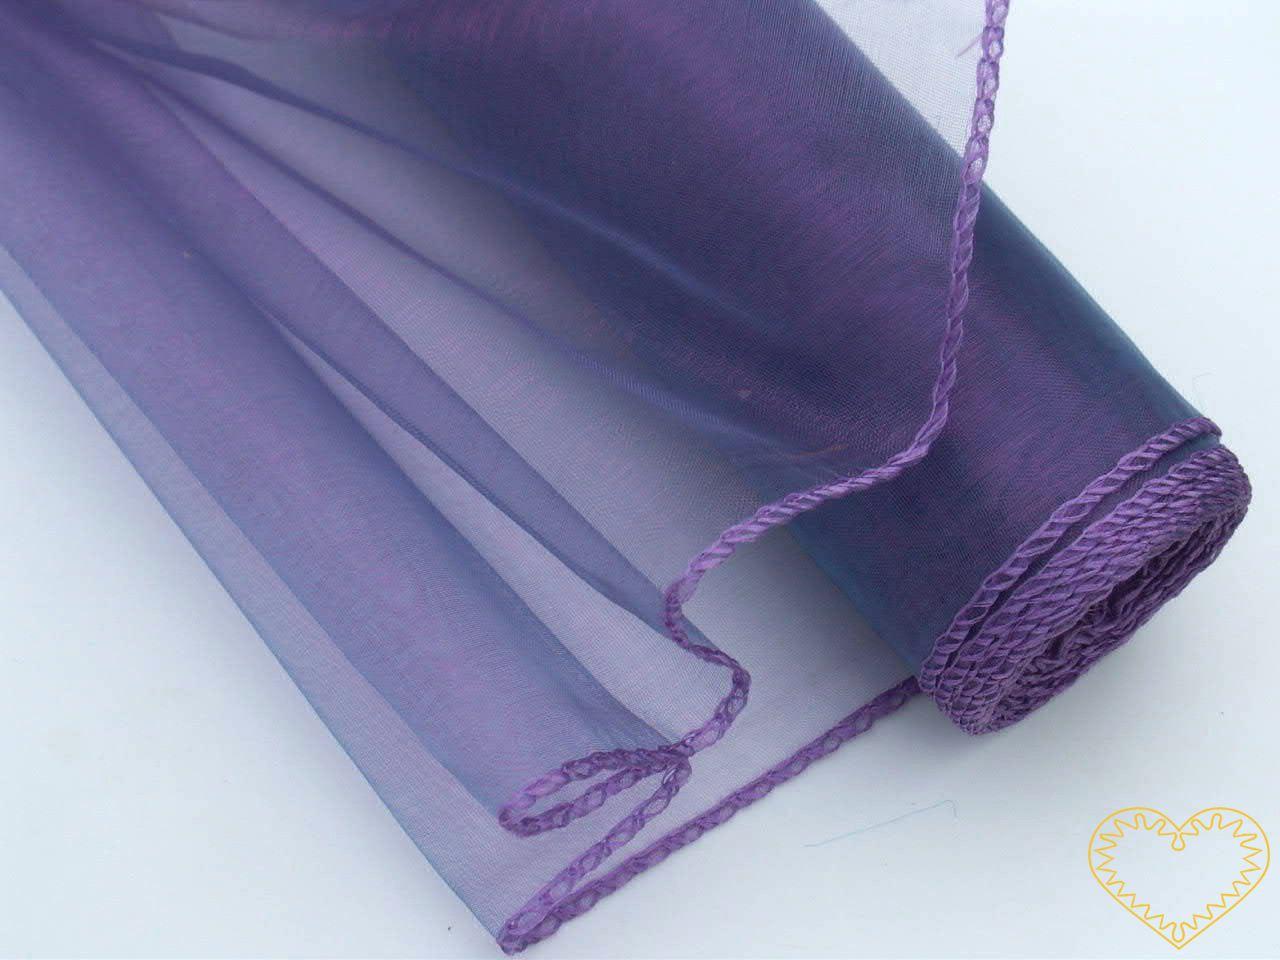 Organza tmavě fialová s duhovým měňavým efektem, šíře 38 cm, z obou stran obroubená. Vypadá velmi slavnostně a zajímavě. Vhodná k dekorování, šití, aranžování, pro výzdobu slavnostní tabule, balení dárků, výrobu ozdob apod.